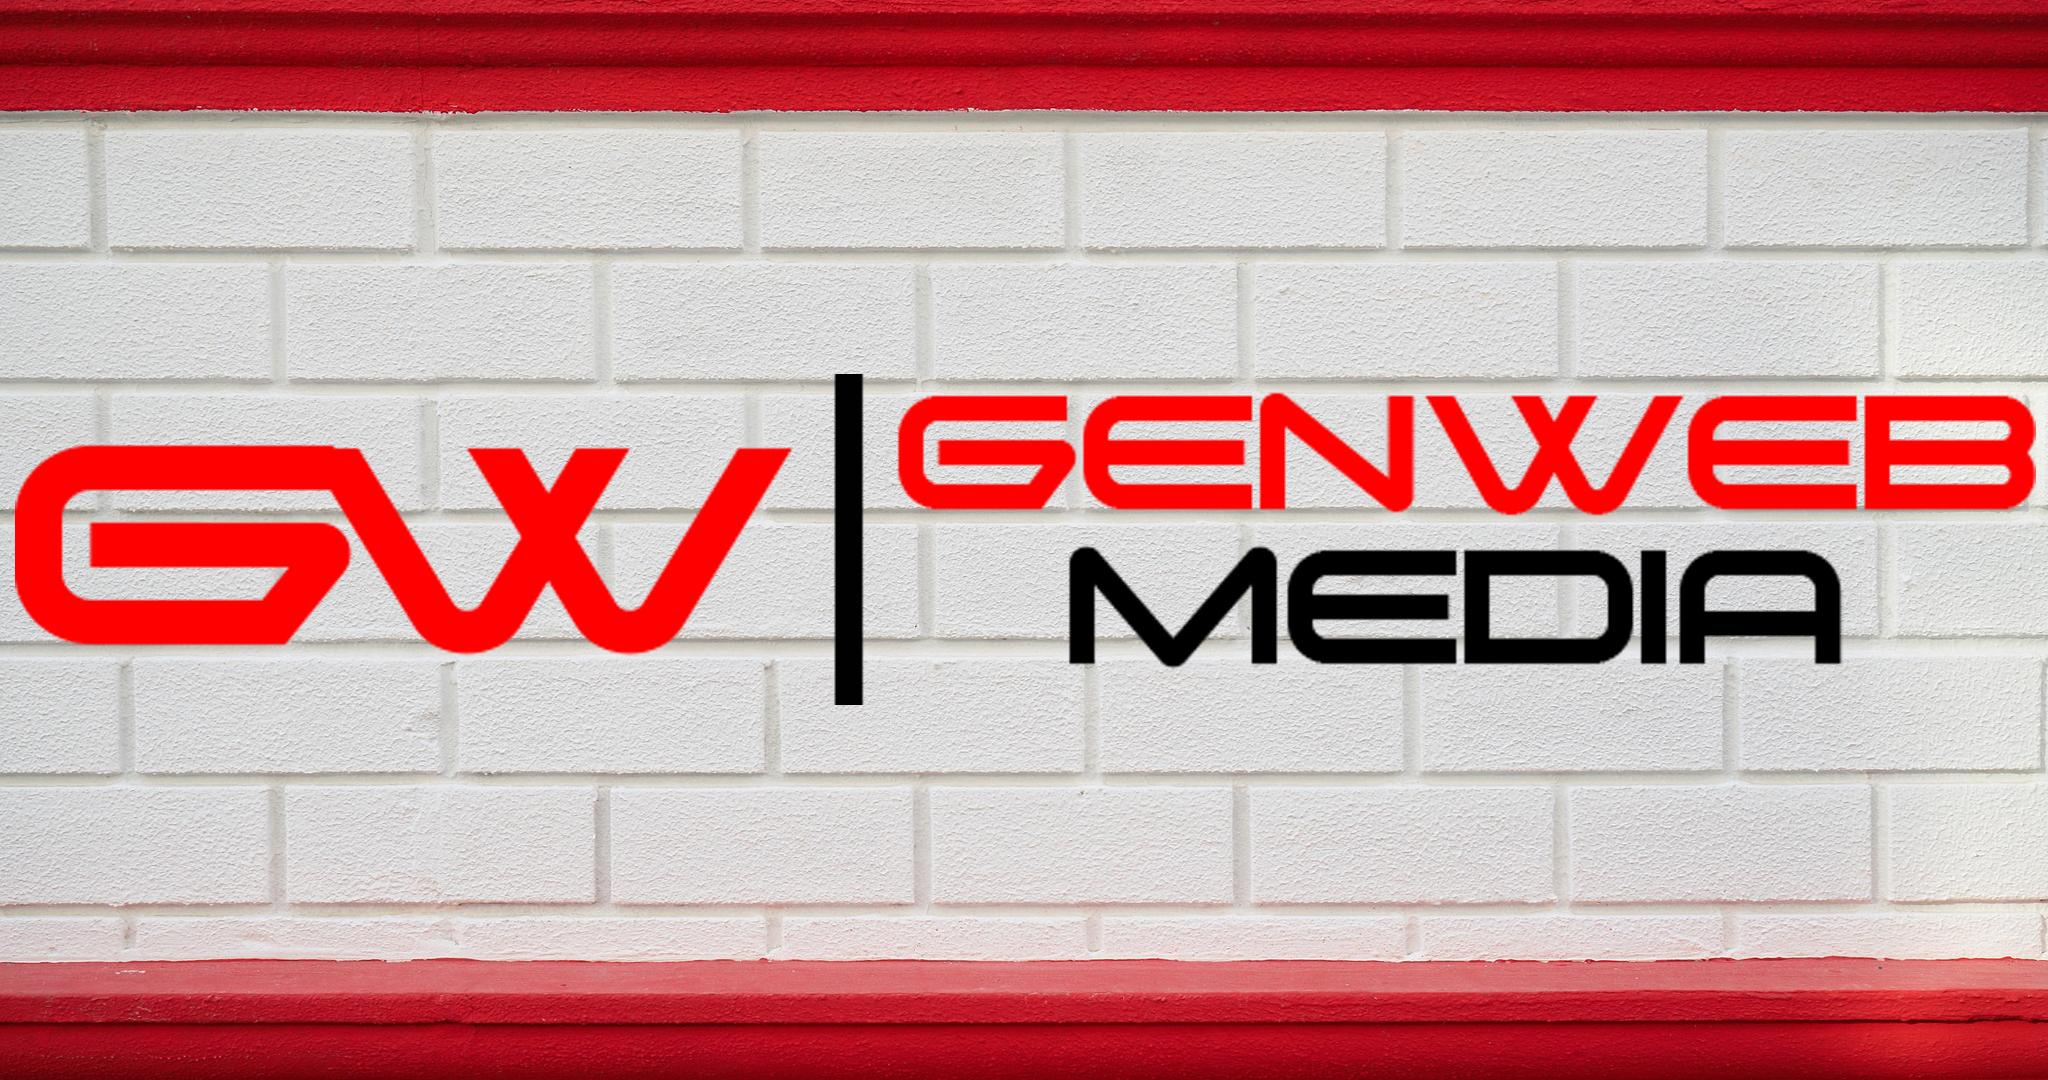 GWM Website Image